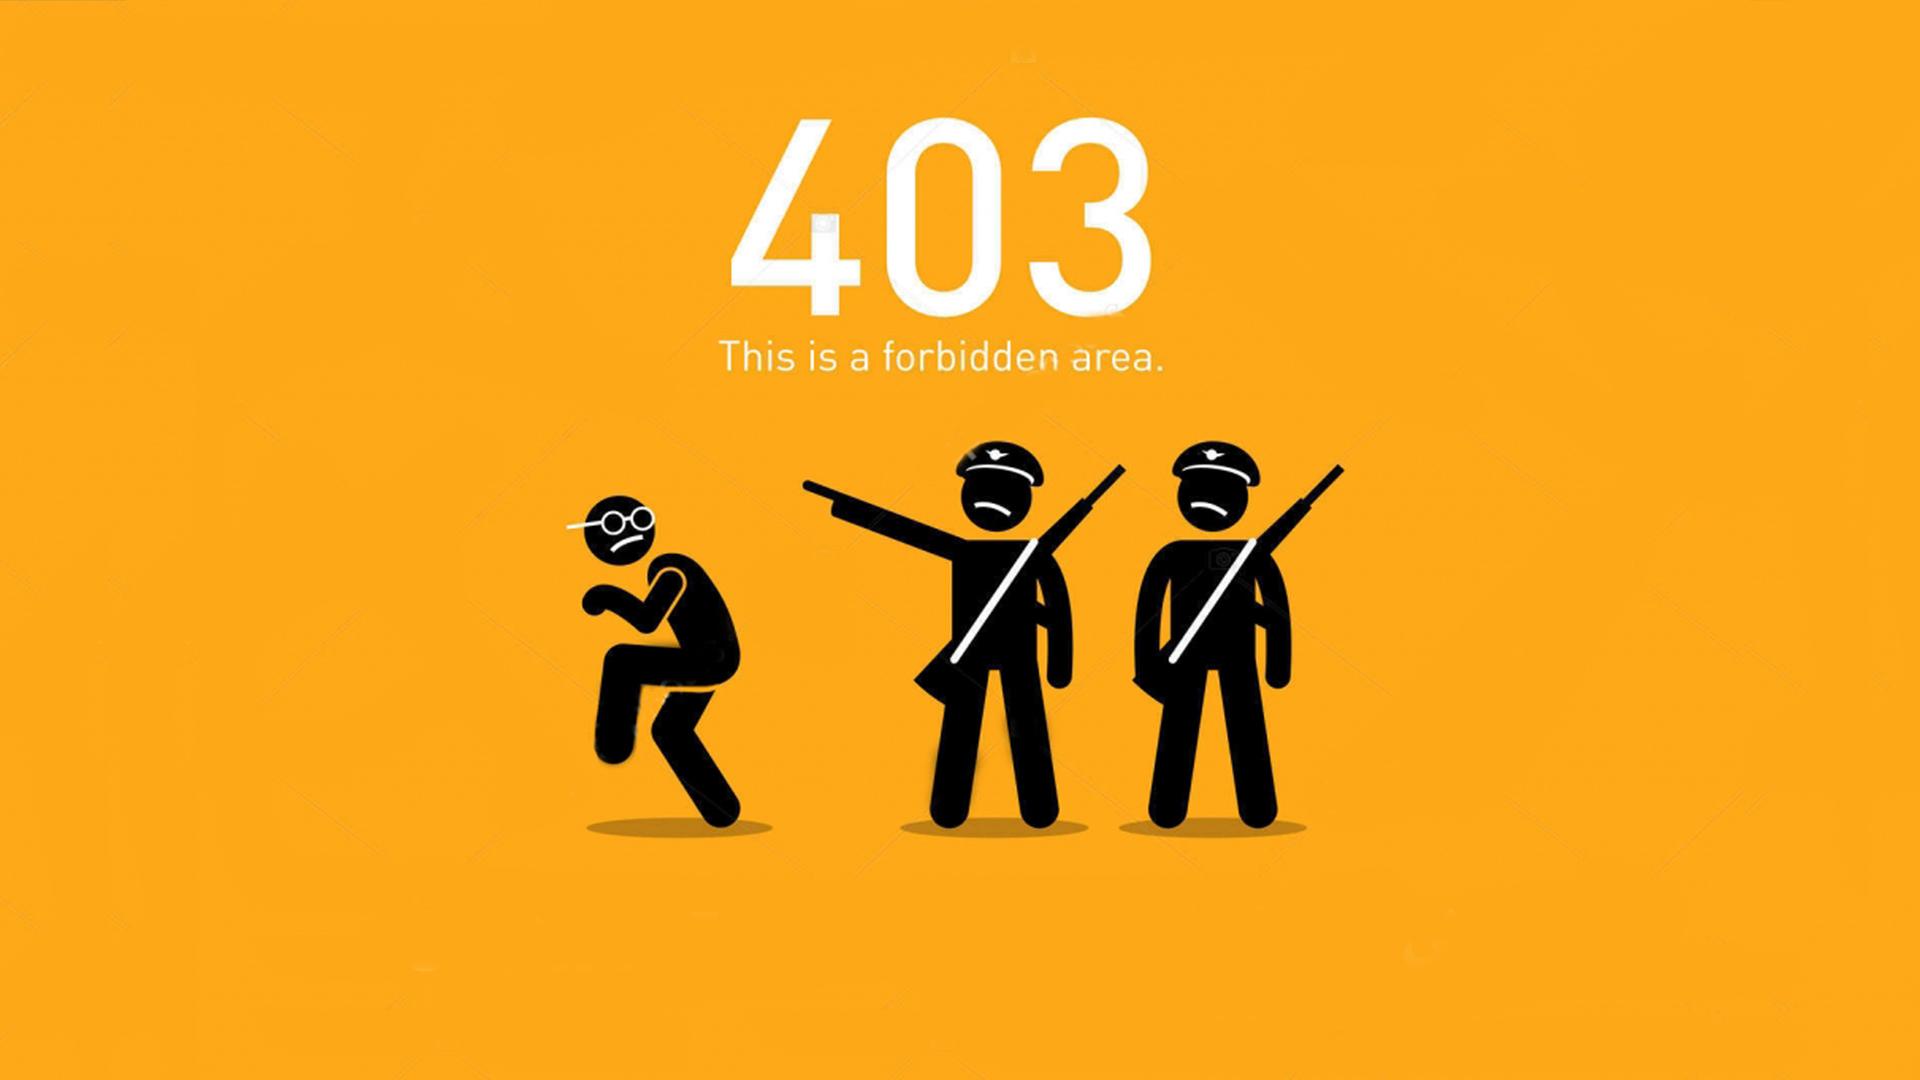 نحوه نمایش خطای سرور داخلی 403